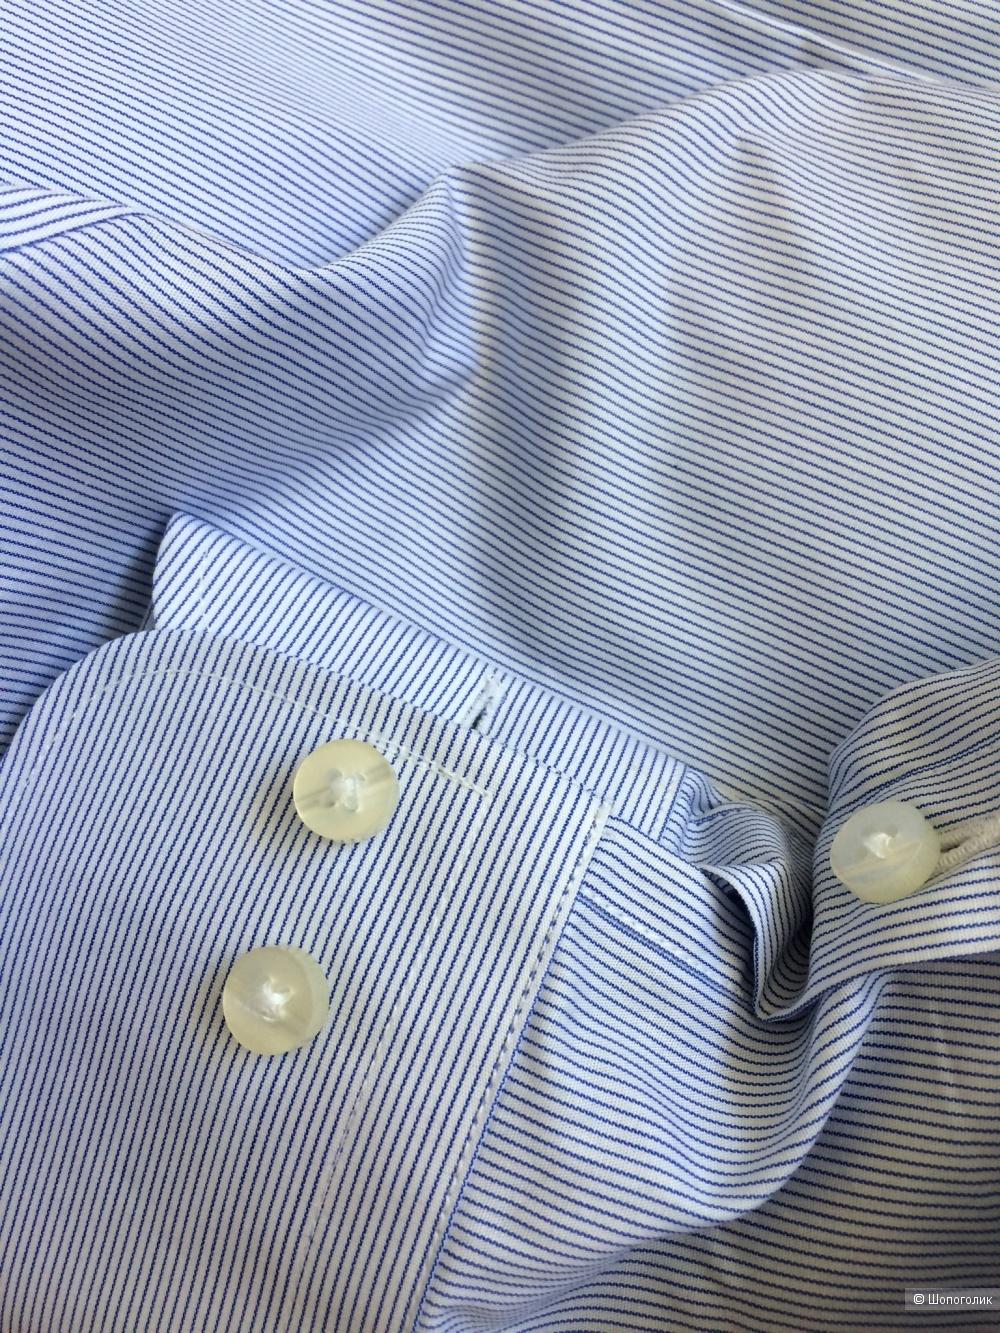 Мужская рубашка Gianfranco Ferre 50-52.